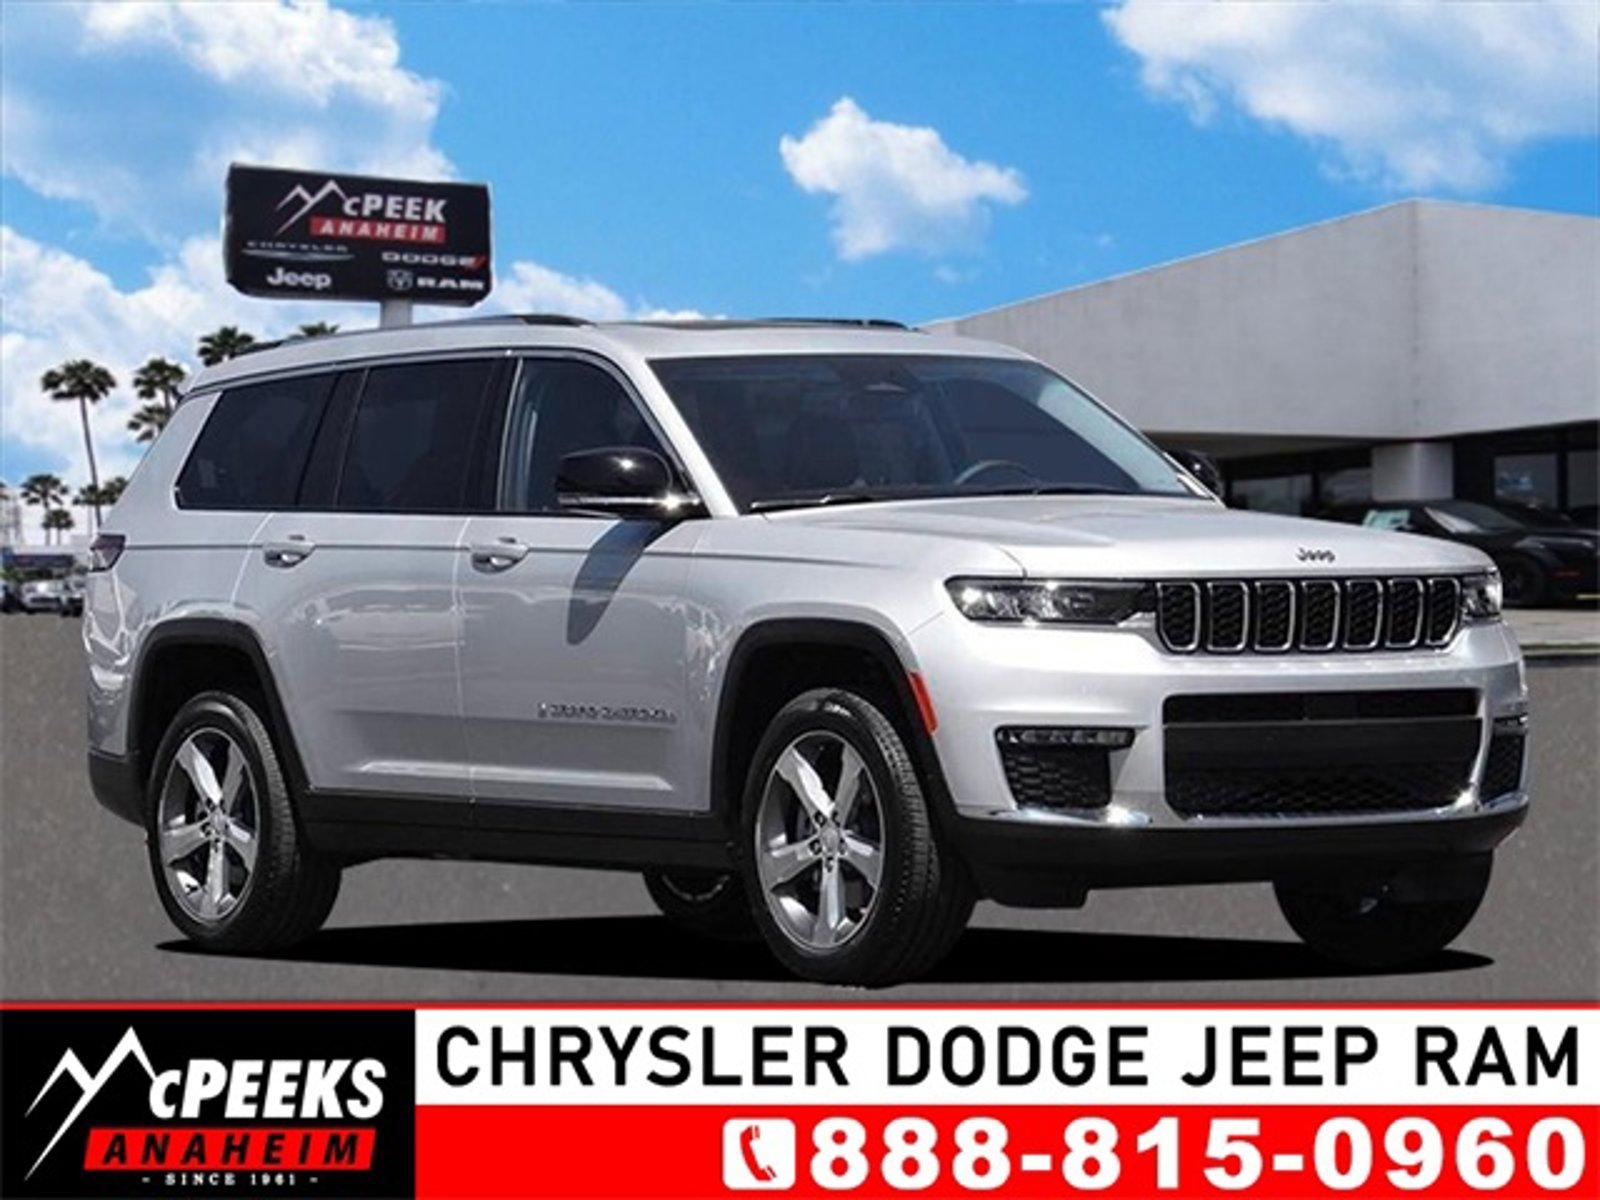 2021 Jeep Grand Cherokee L Limited Limited 4x2 Regular Unleaded V-6 3.6 L/220 [9]